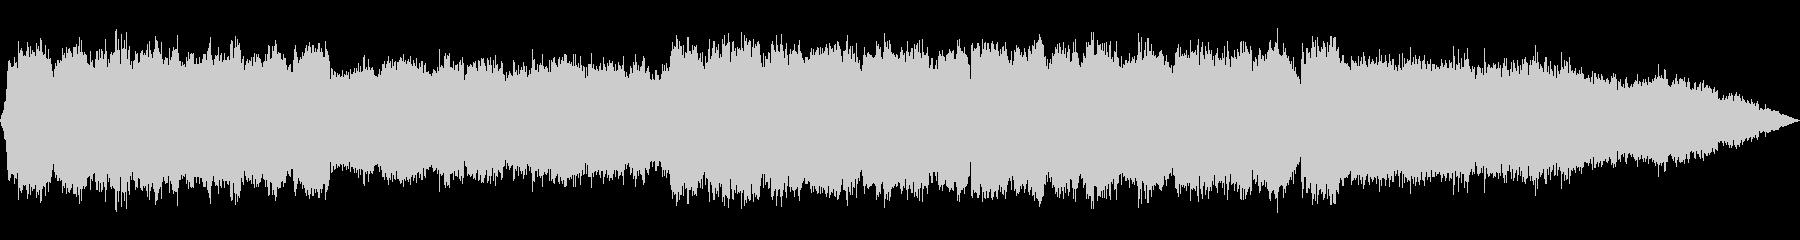 笛とシンセサイザーのヒーリング音楽の未再生の波形